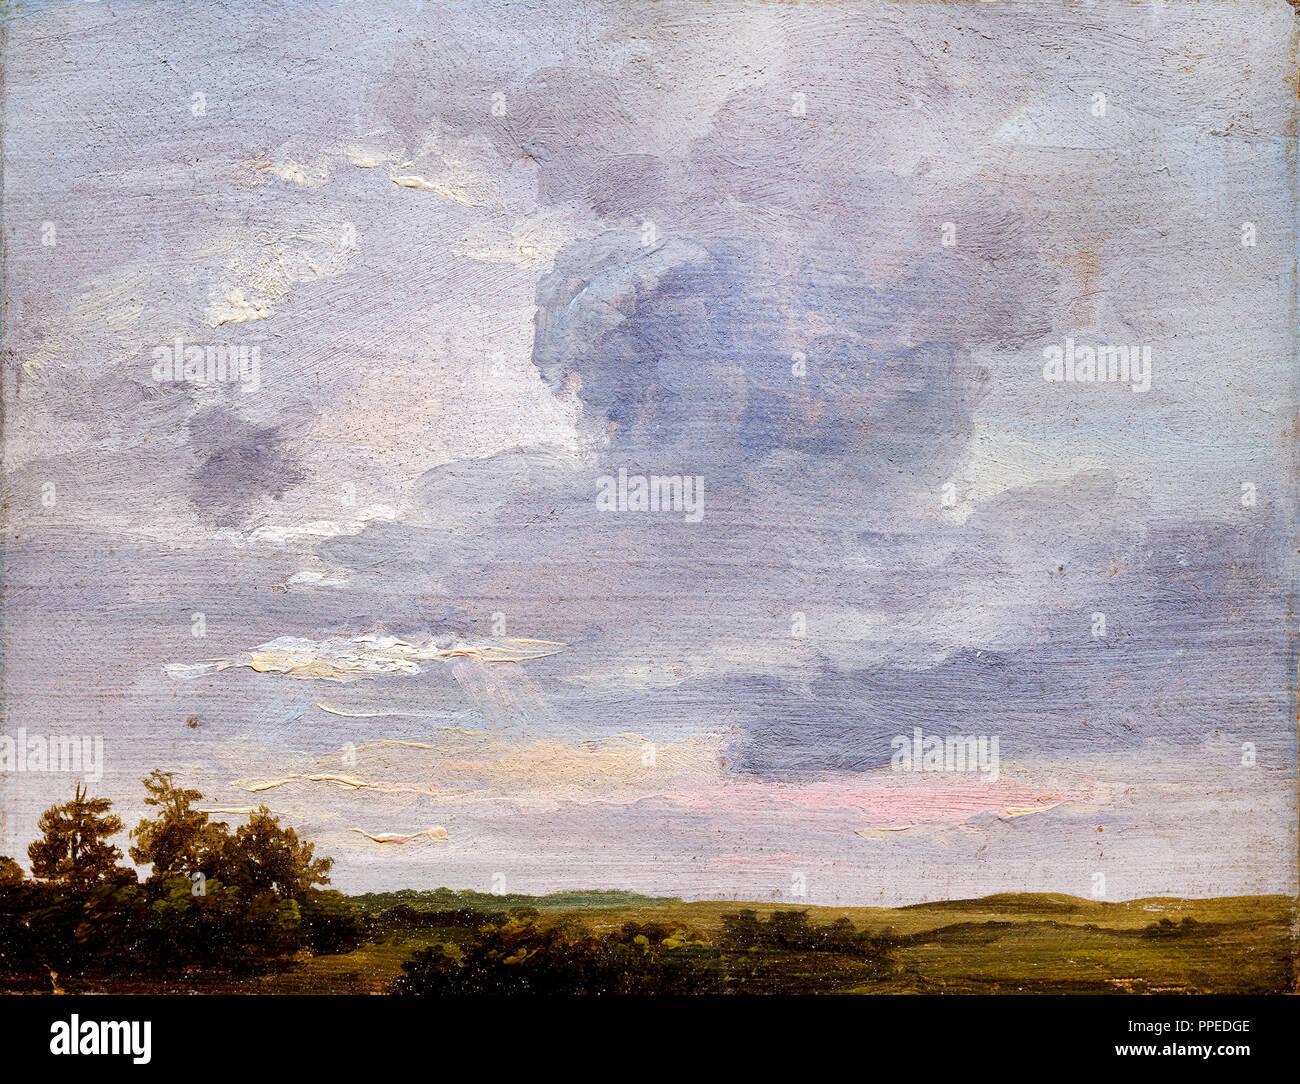 Johan Christian Dahl - Cloud Studio nel paesaggio piatto 1837 Olio su carta. Galleria Nazionale di Norvegia, Oslo, Norvegia. Immagini Stock